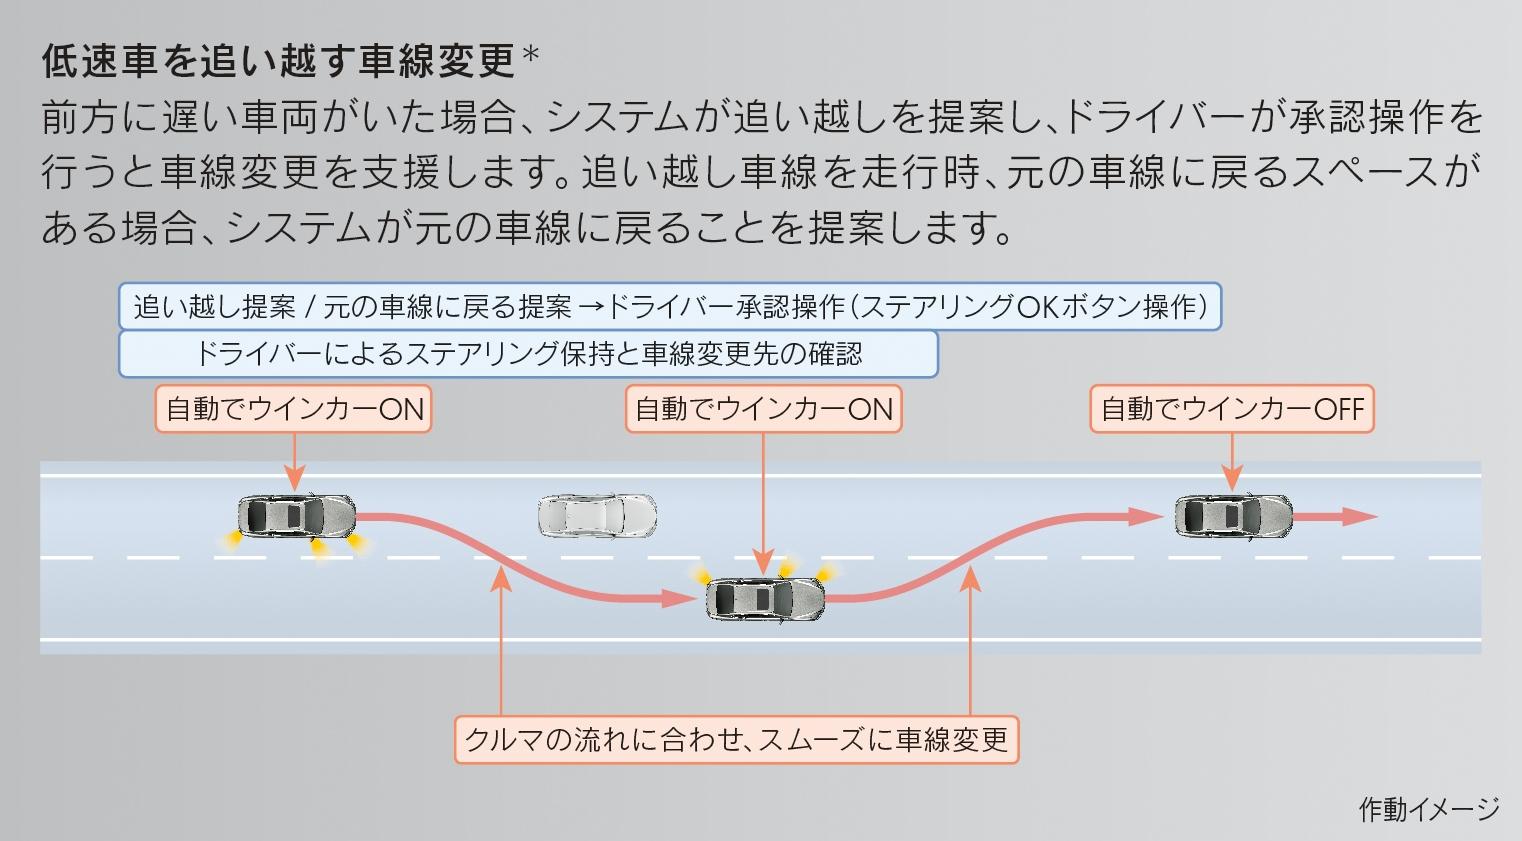 システムが車線変更を提案し、運転者に承認することで実行される (出所:トヨタ)